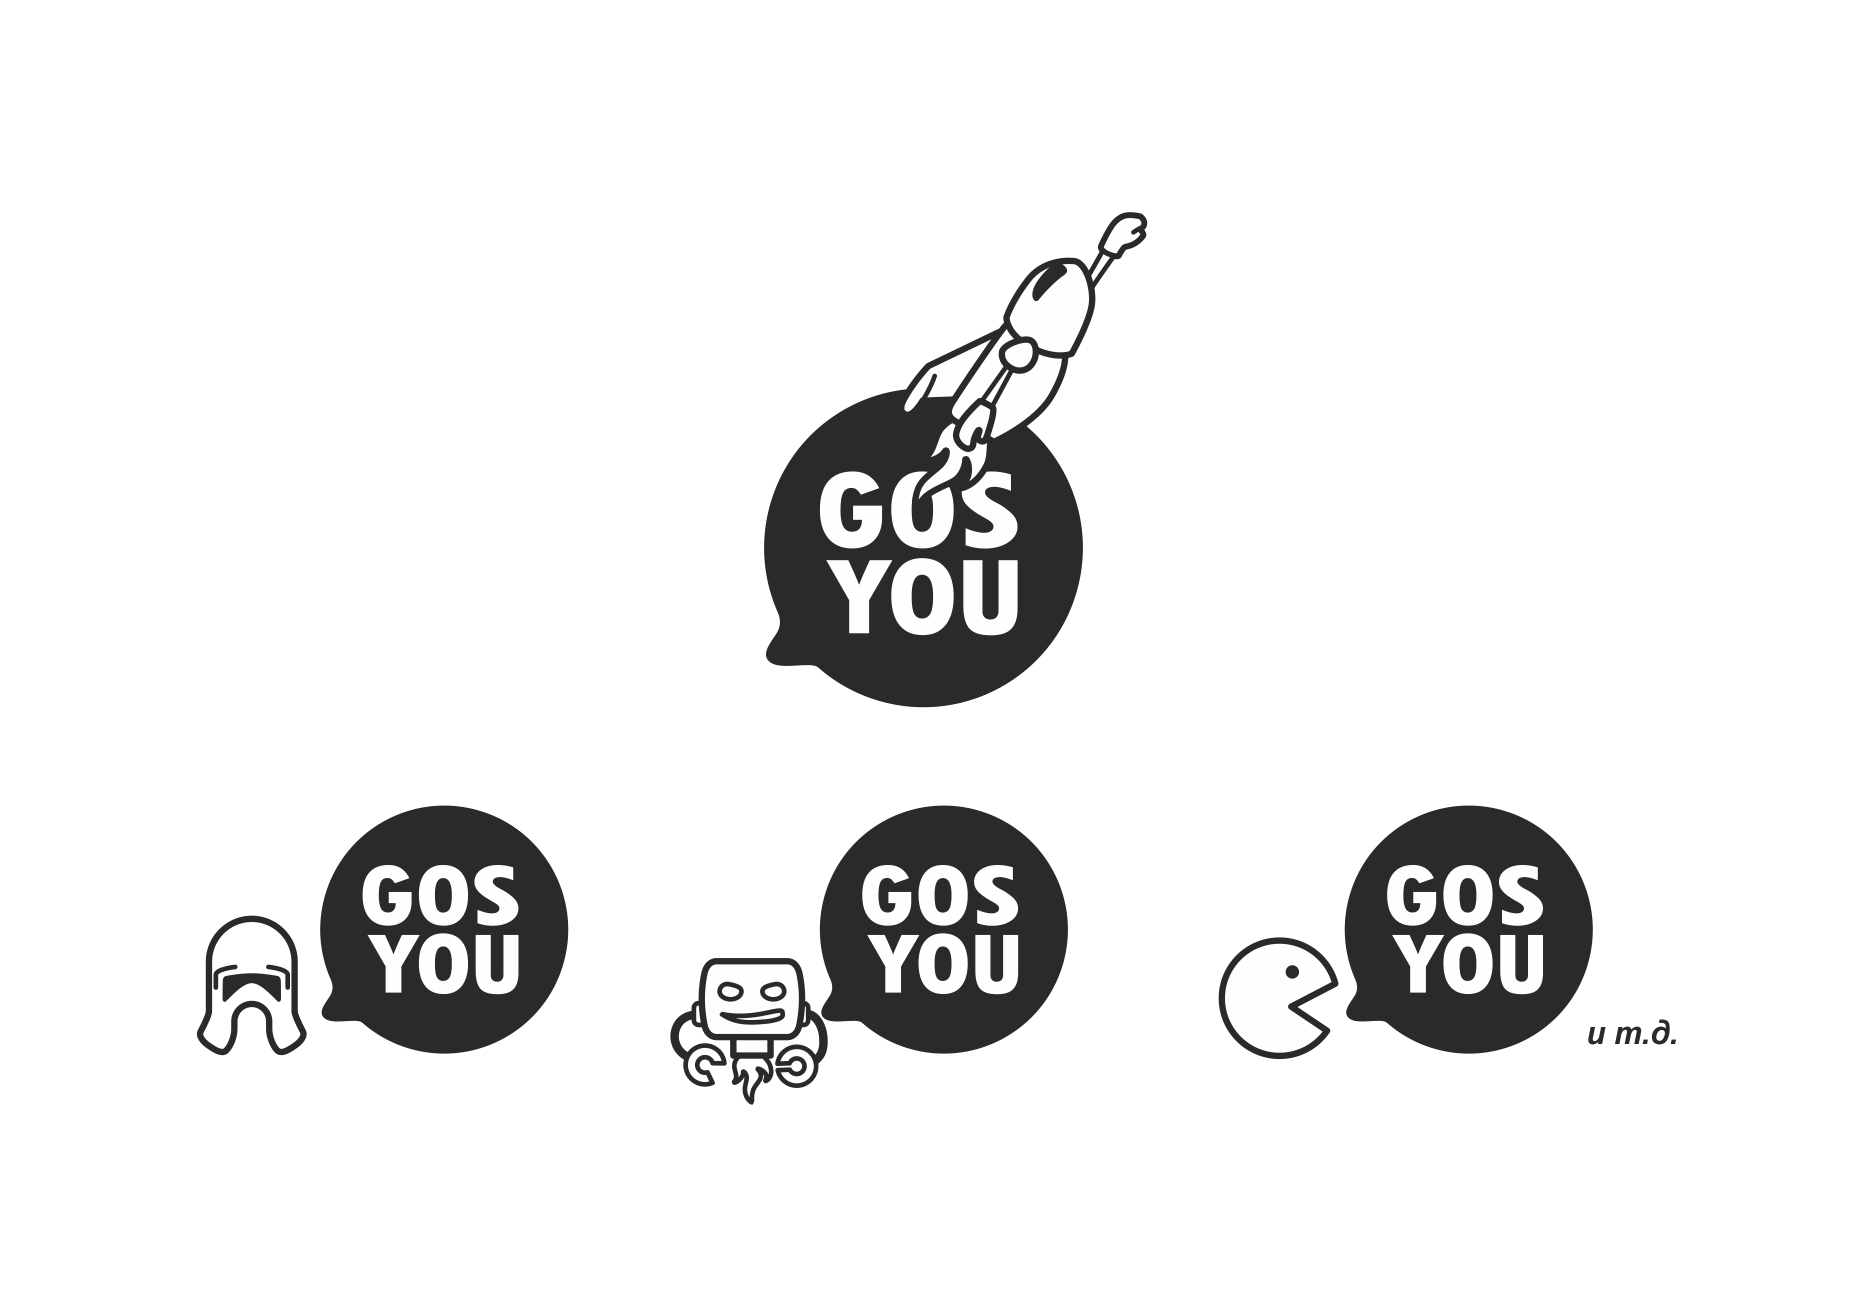 Логотип, фир. стиль и иконку для социальной сети GosYou фото f_507daa952fa66.jpg